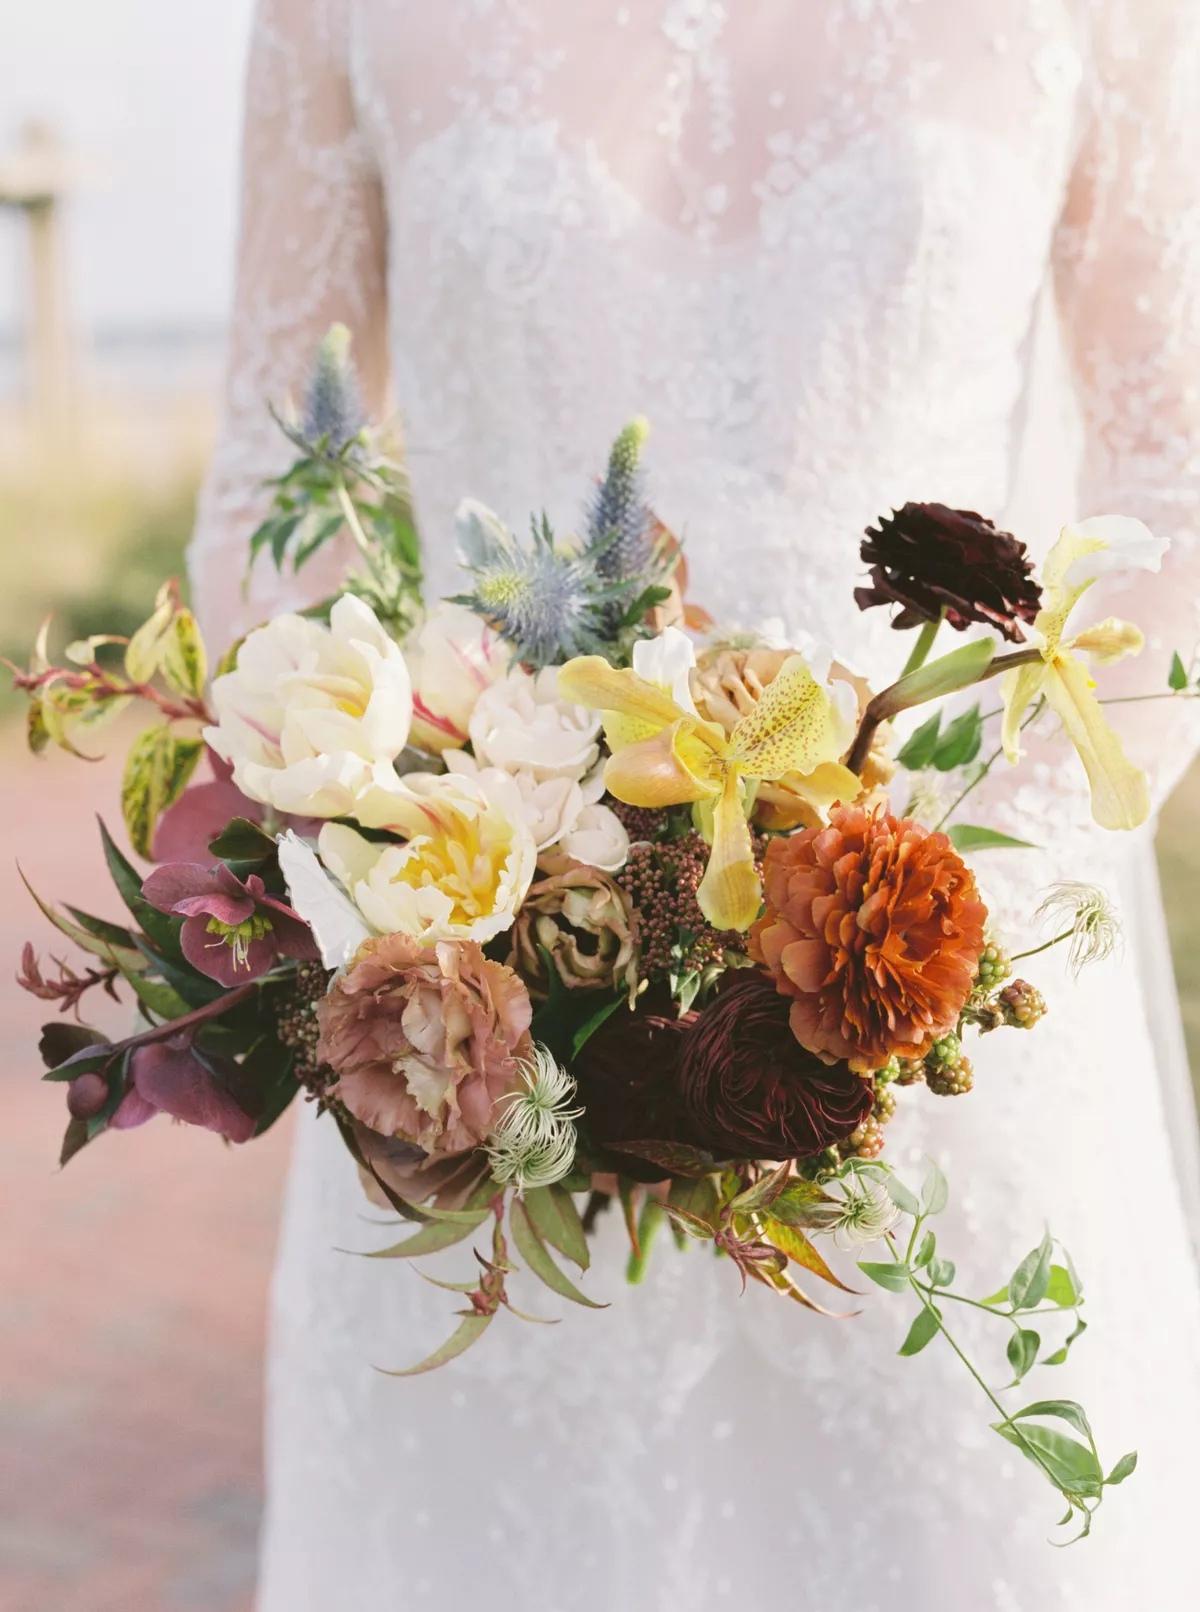 UfLIDBZ dJU - Букет невесты из тюльпанов